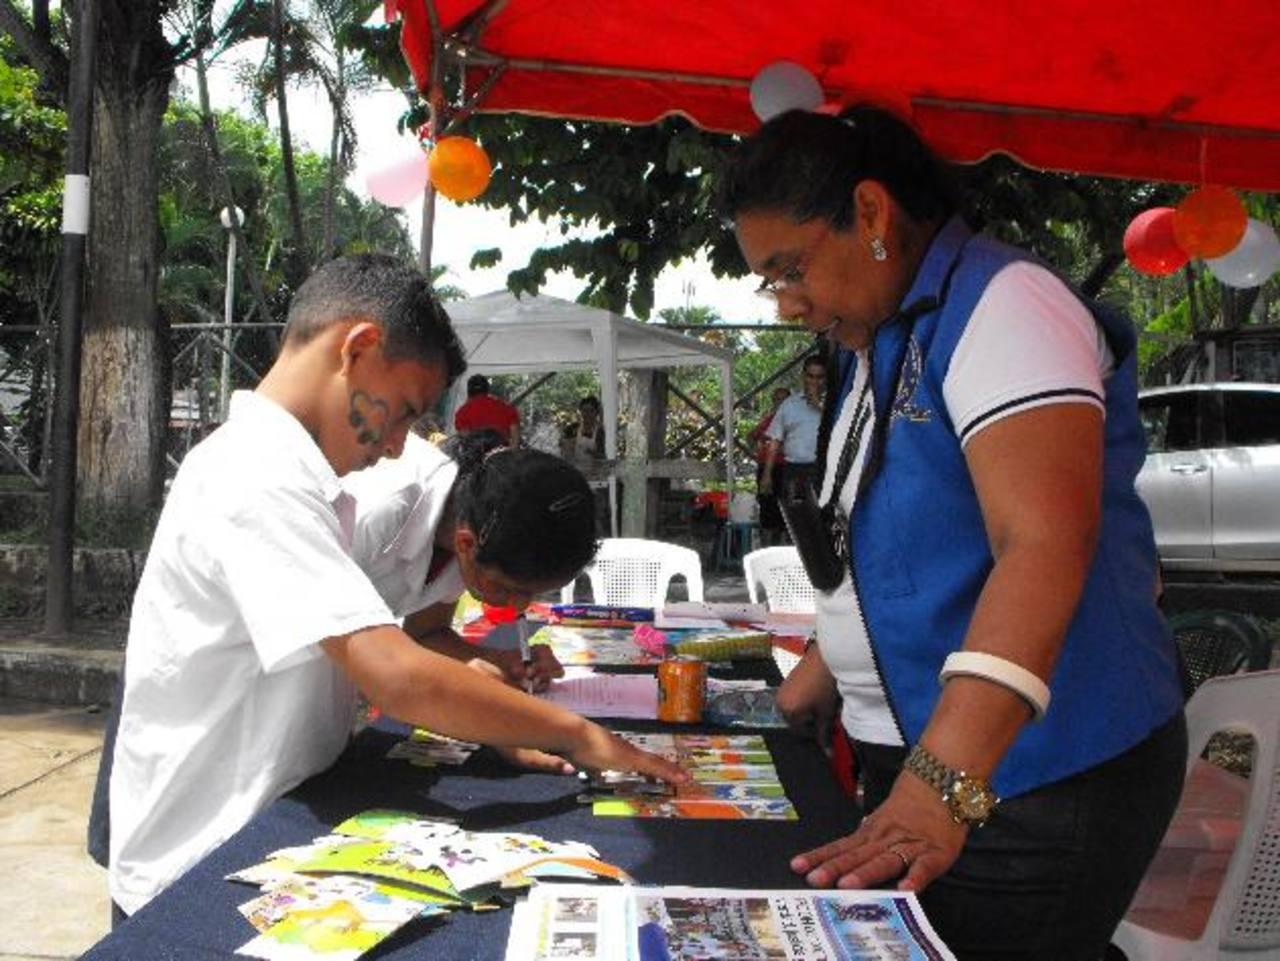 Niños reciben materiales educativos en la feria.